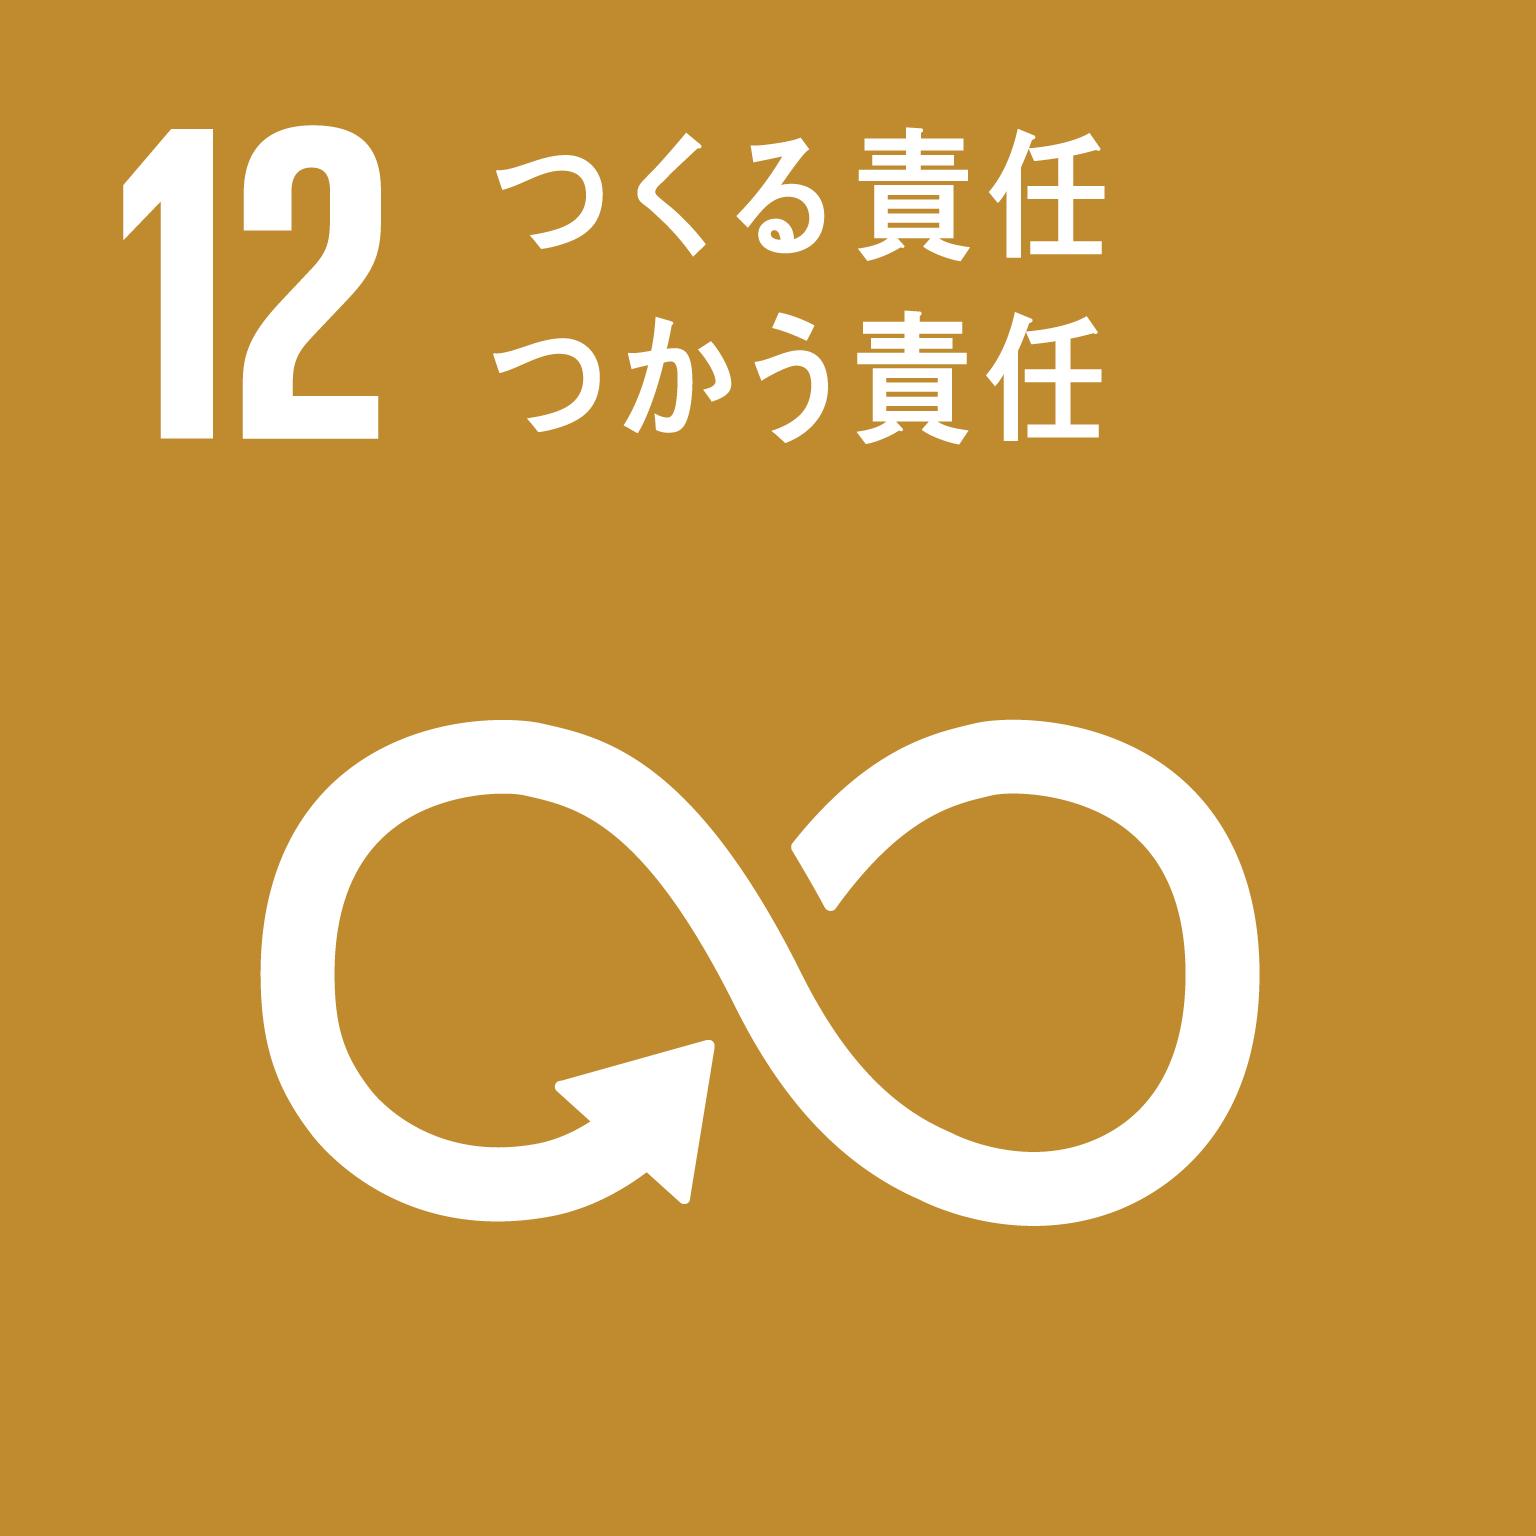 SDGs 社会課題 生産 消費